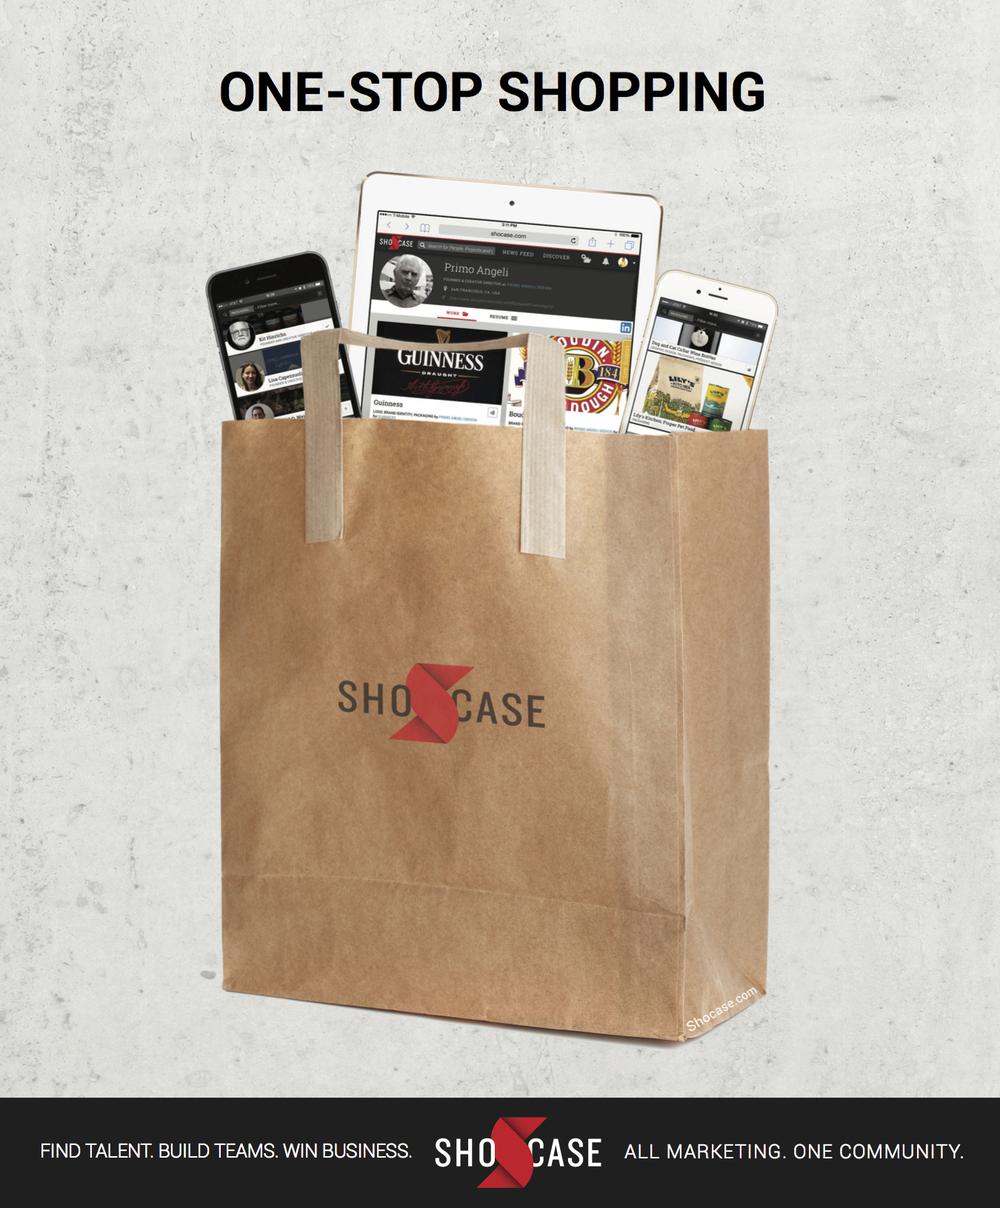 PackageDesign_Shocase_V3.jpg